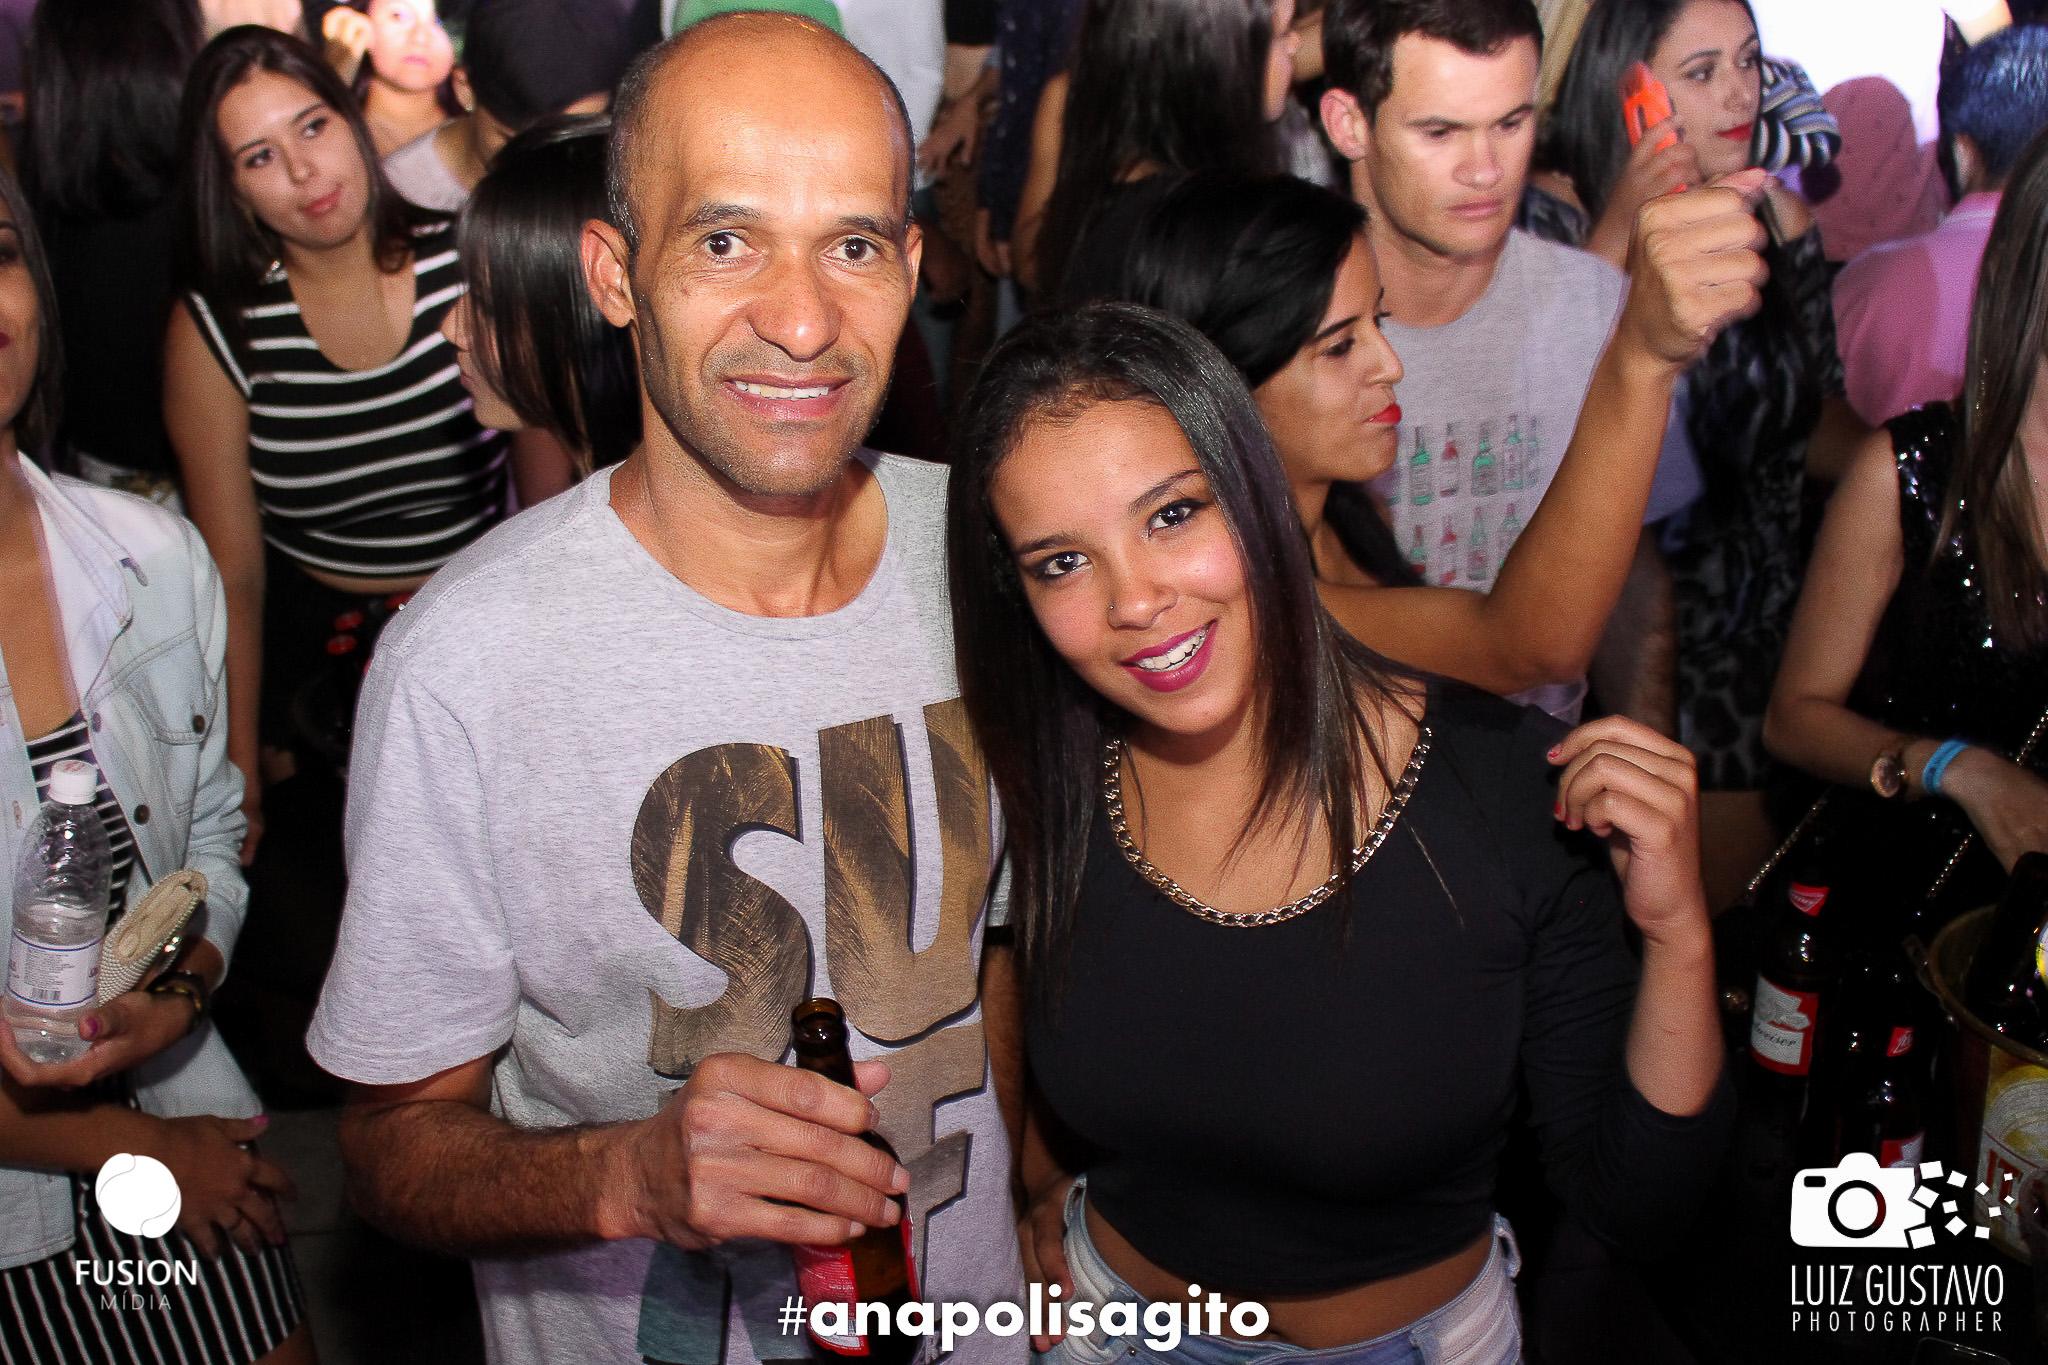 Luiz Gustavo Photographer (25 de 159)